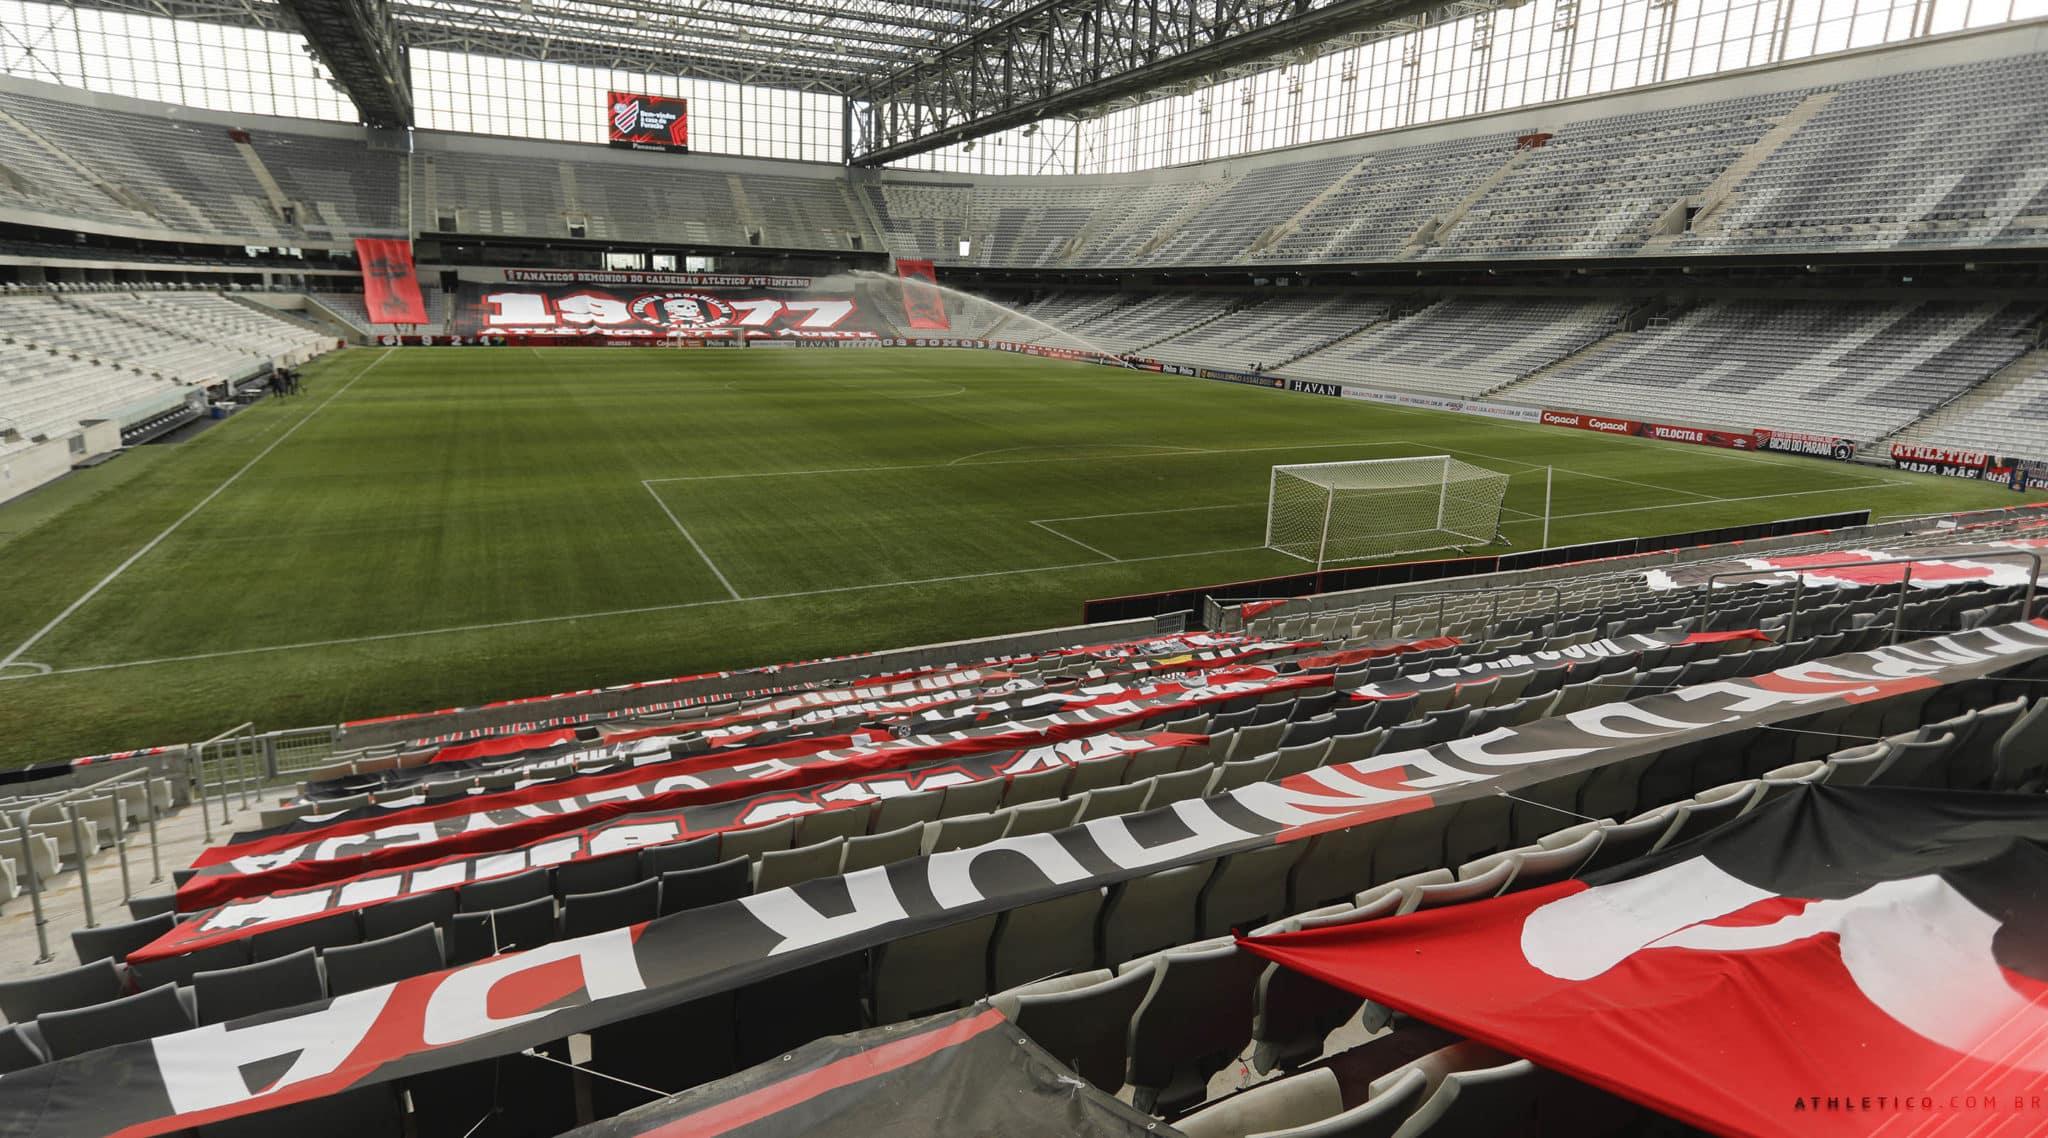 Com objetivos idênticos, Athletico-PR e Cascavel se enfrentam na tarde desta quarta-feira (0), às 15h20, na Arena da Baixada, em Curitiba-PR